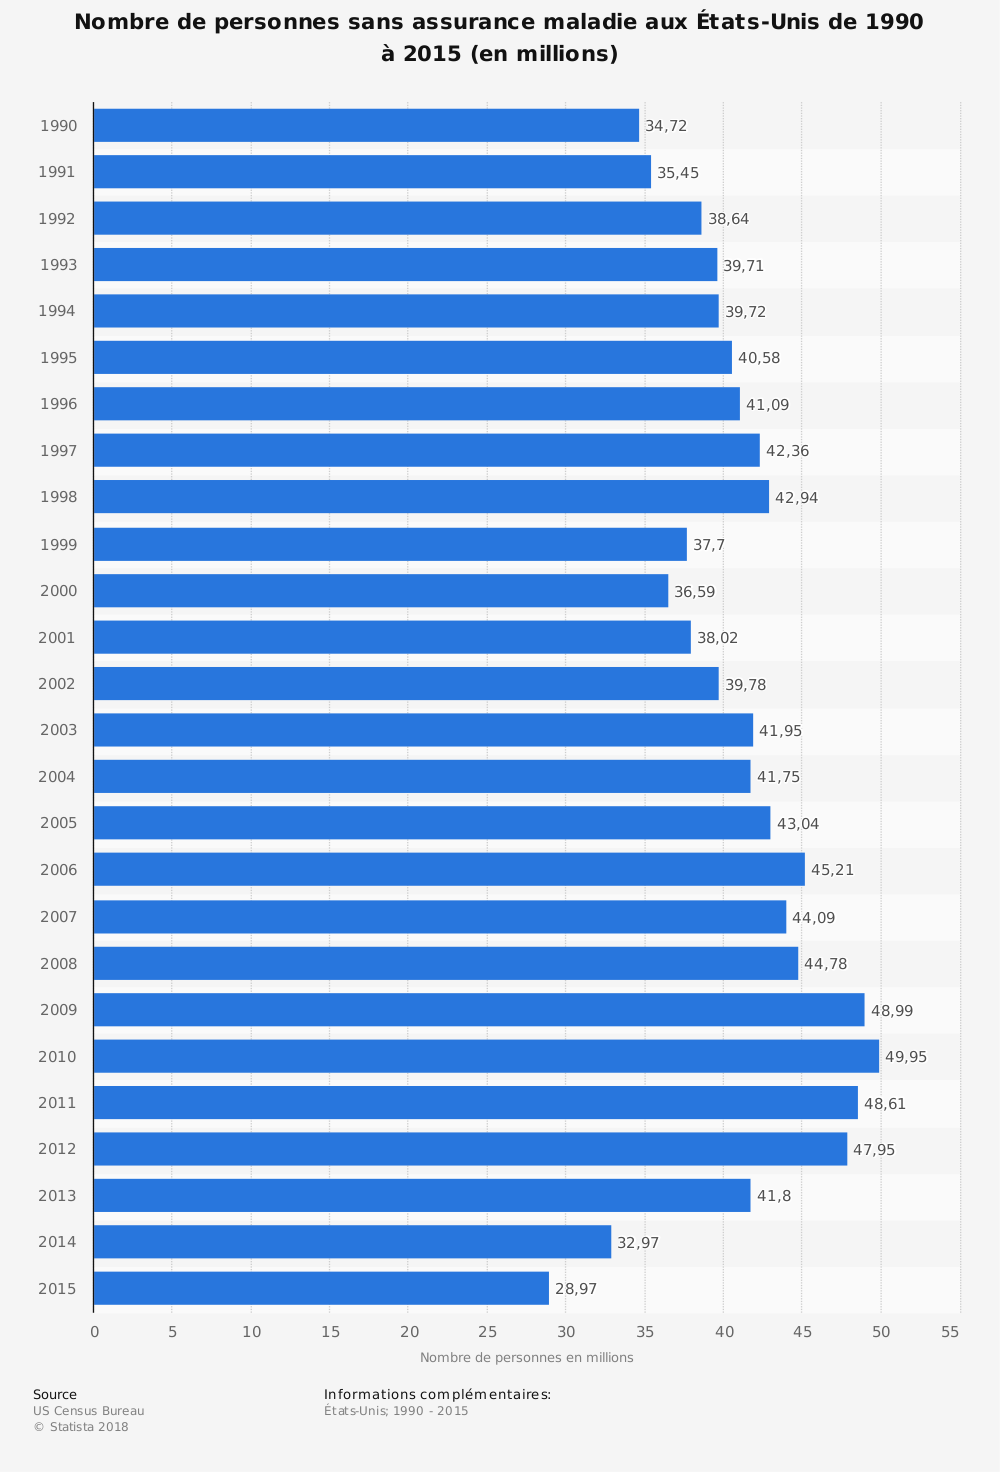 Statistique: Nombre de personnes sans assurance maladie aux États-Unis de 1990 à 2015 (en millions) | Statista